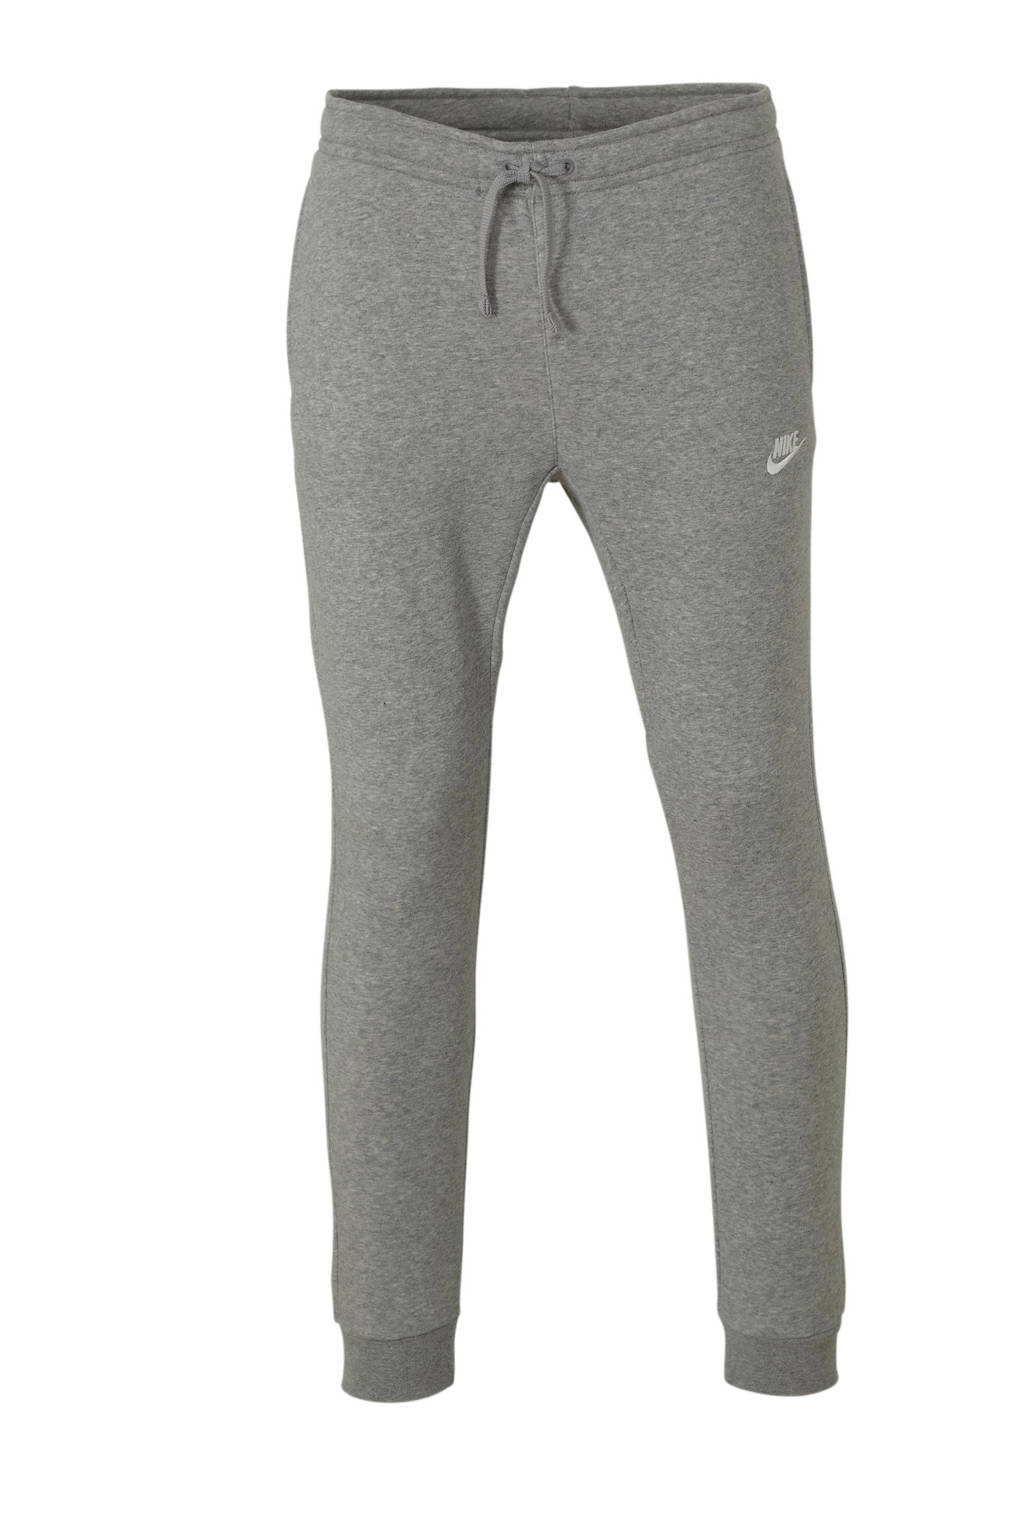 Nike broek grijs, Grijs